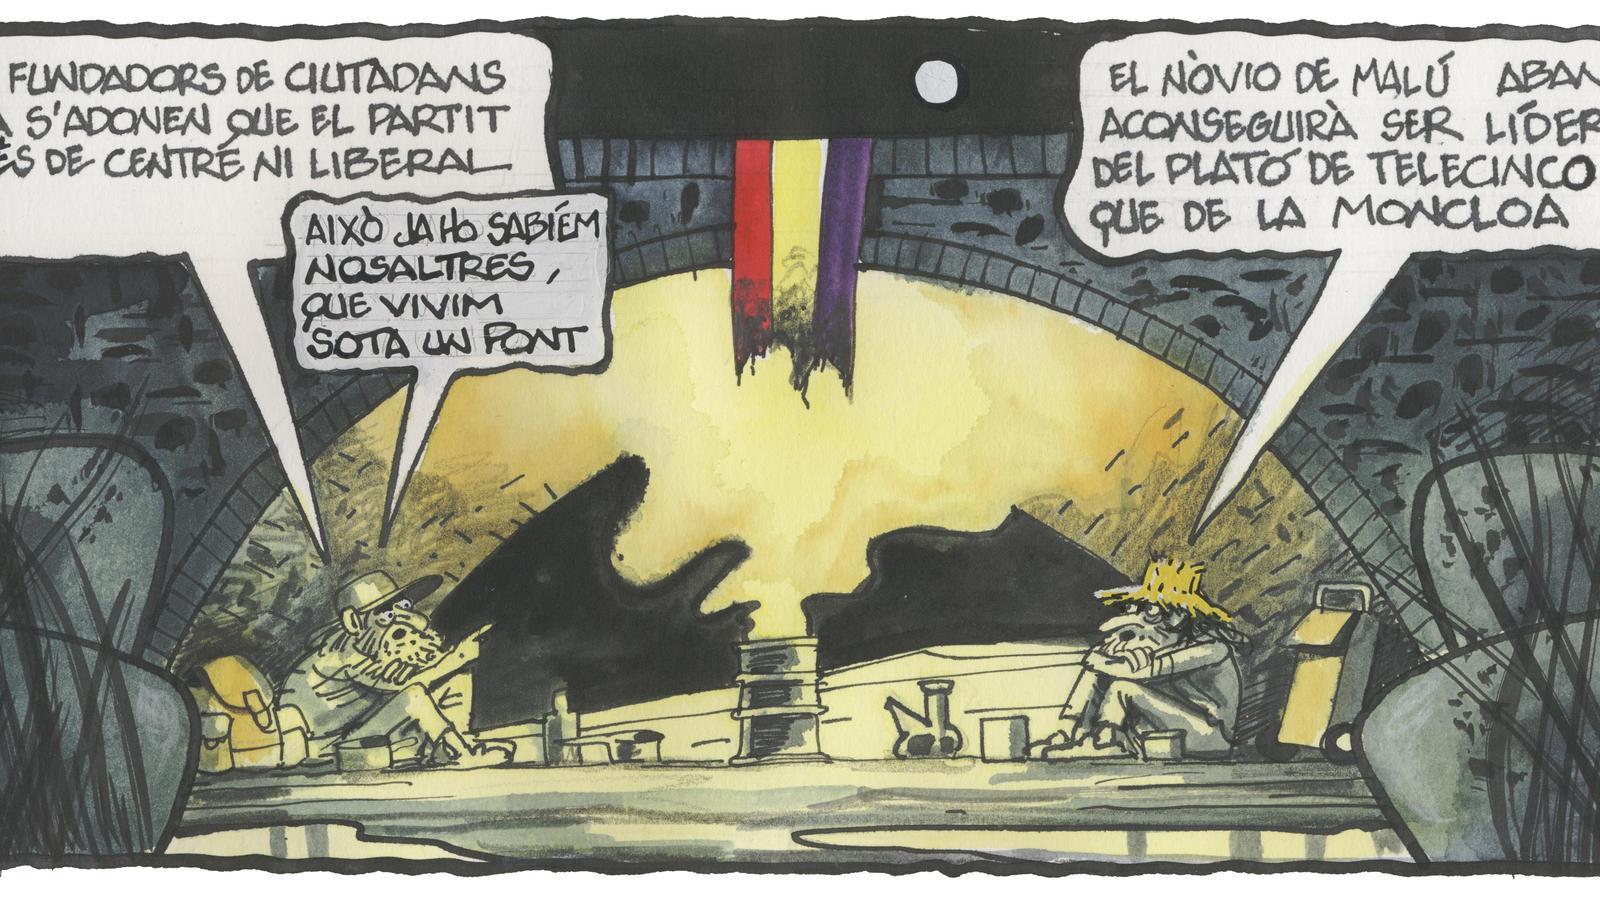 'A la contra', per Ferreres (27/06/2019)